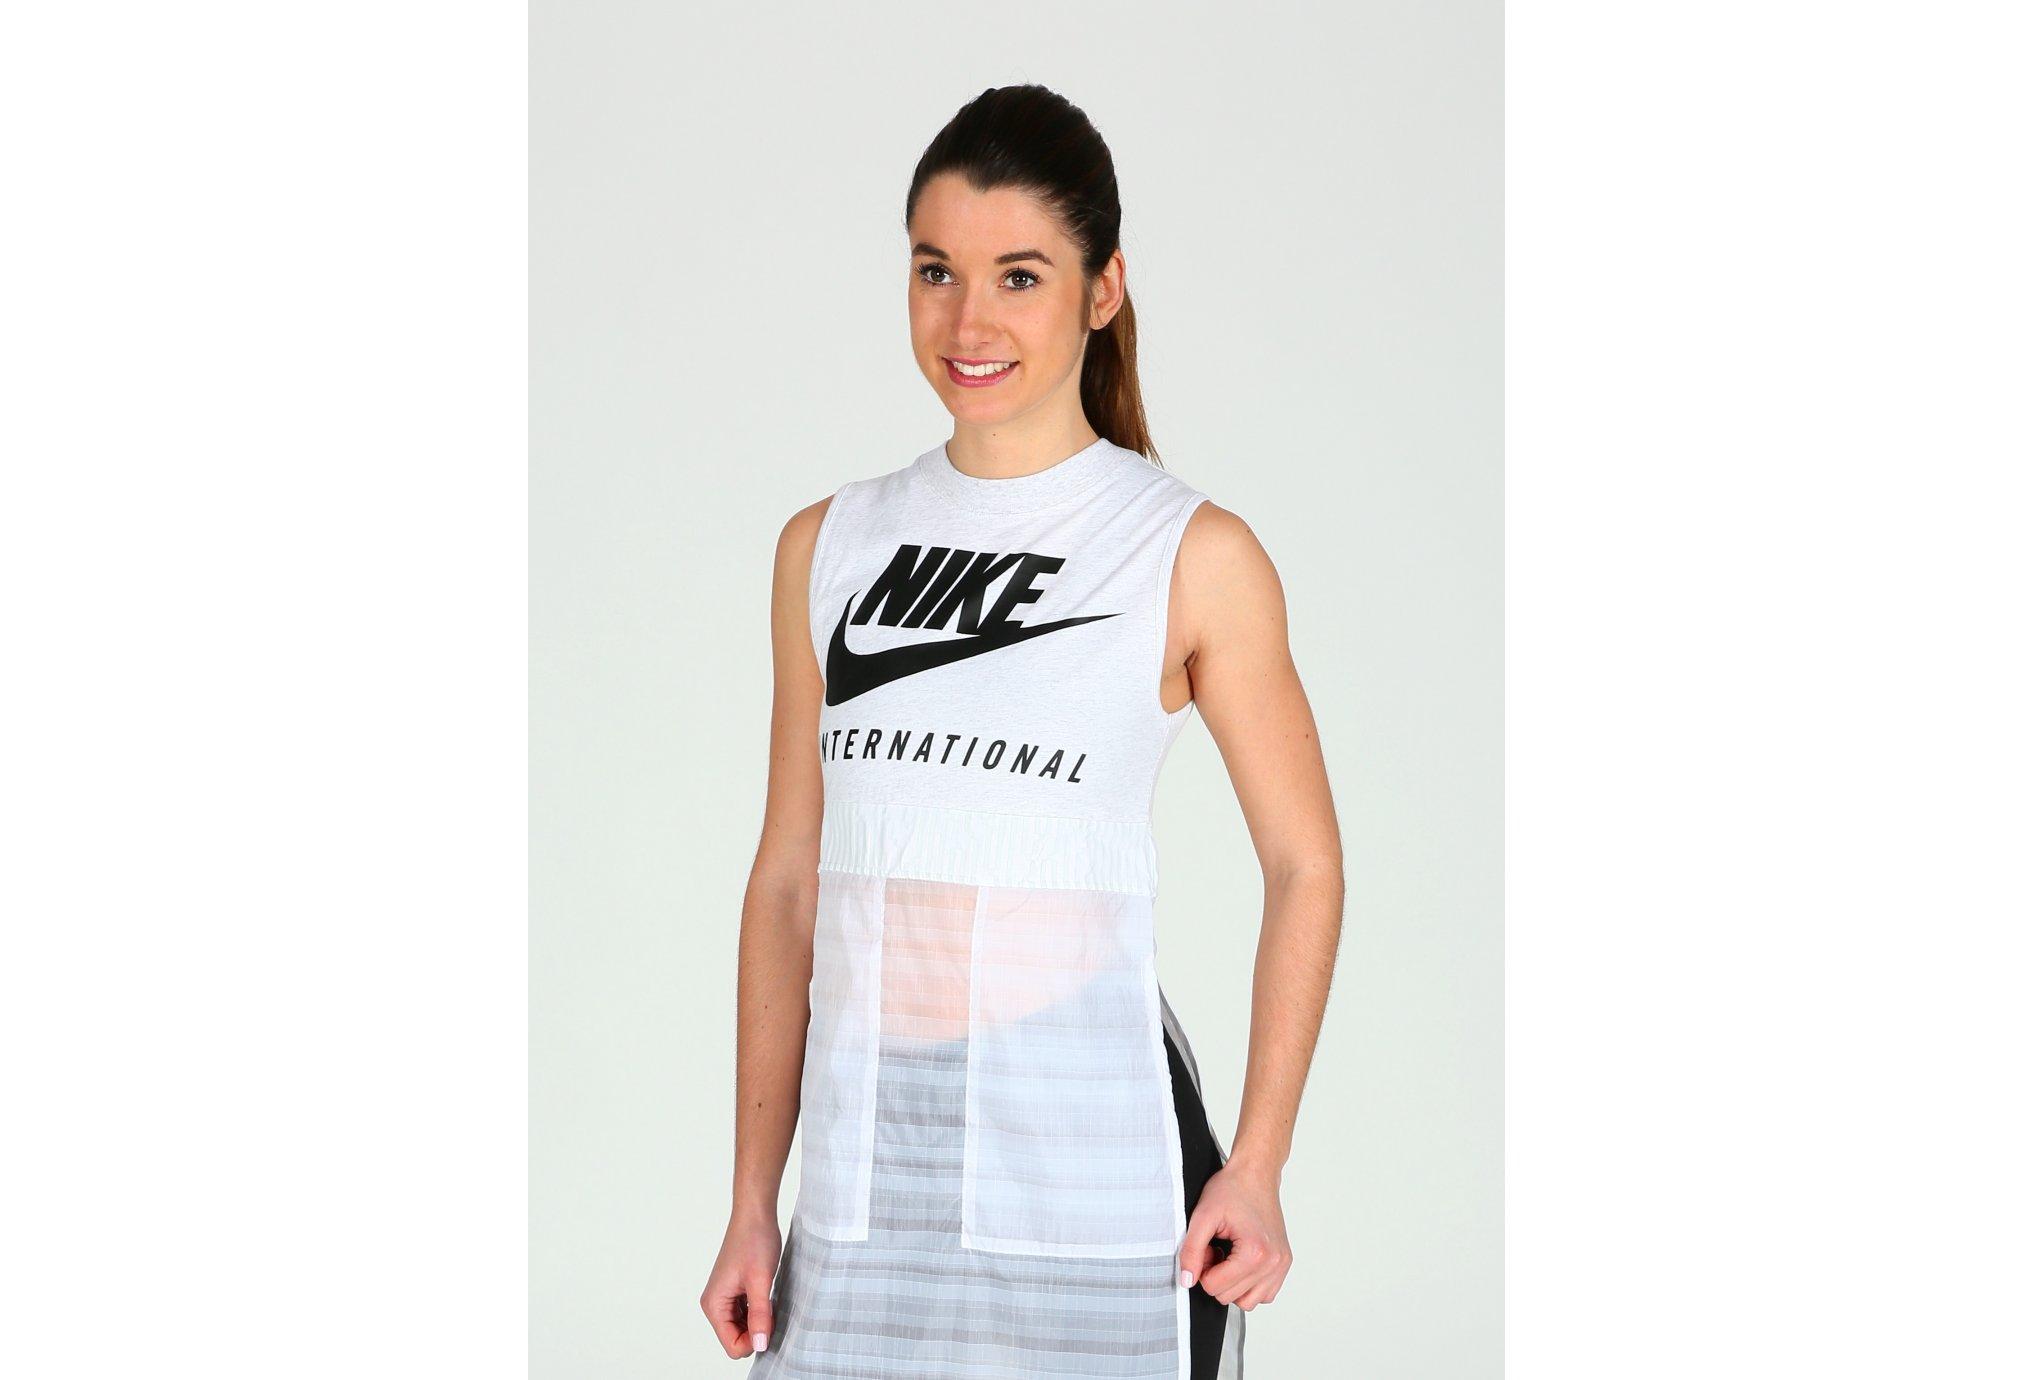 Nike International W Diététique Vêtements femme